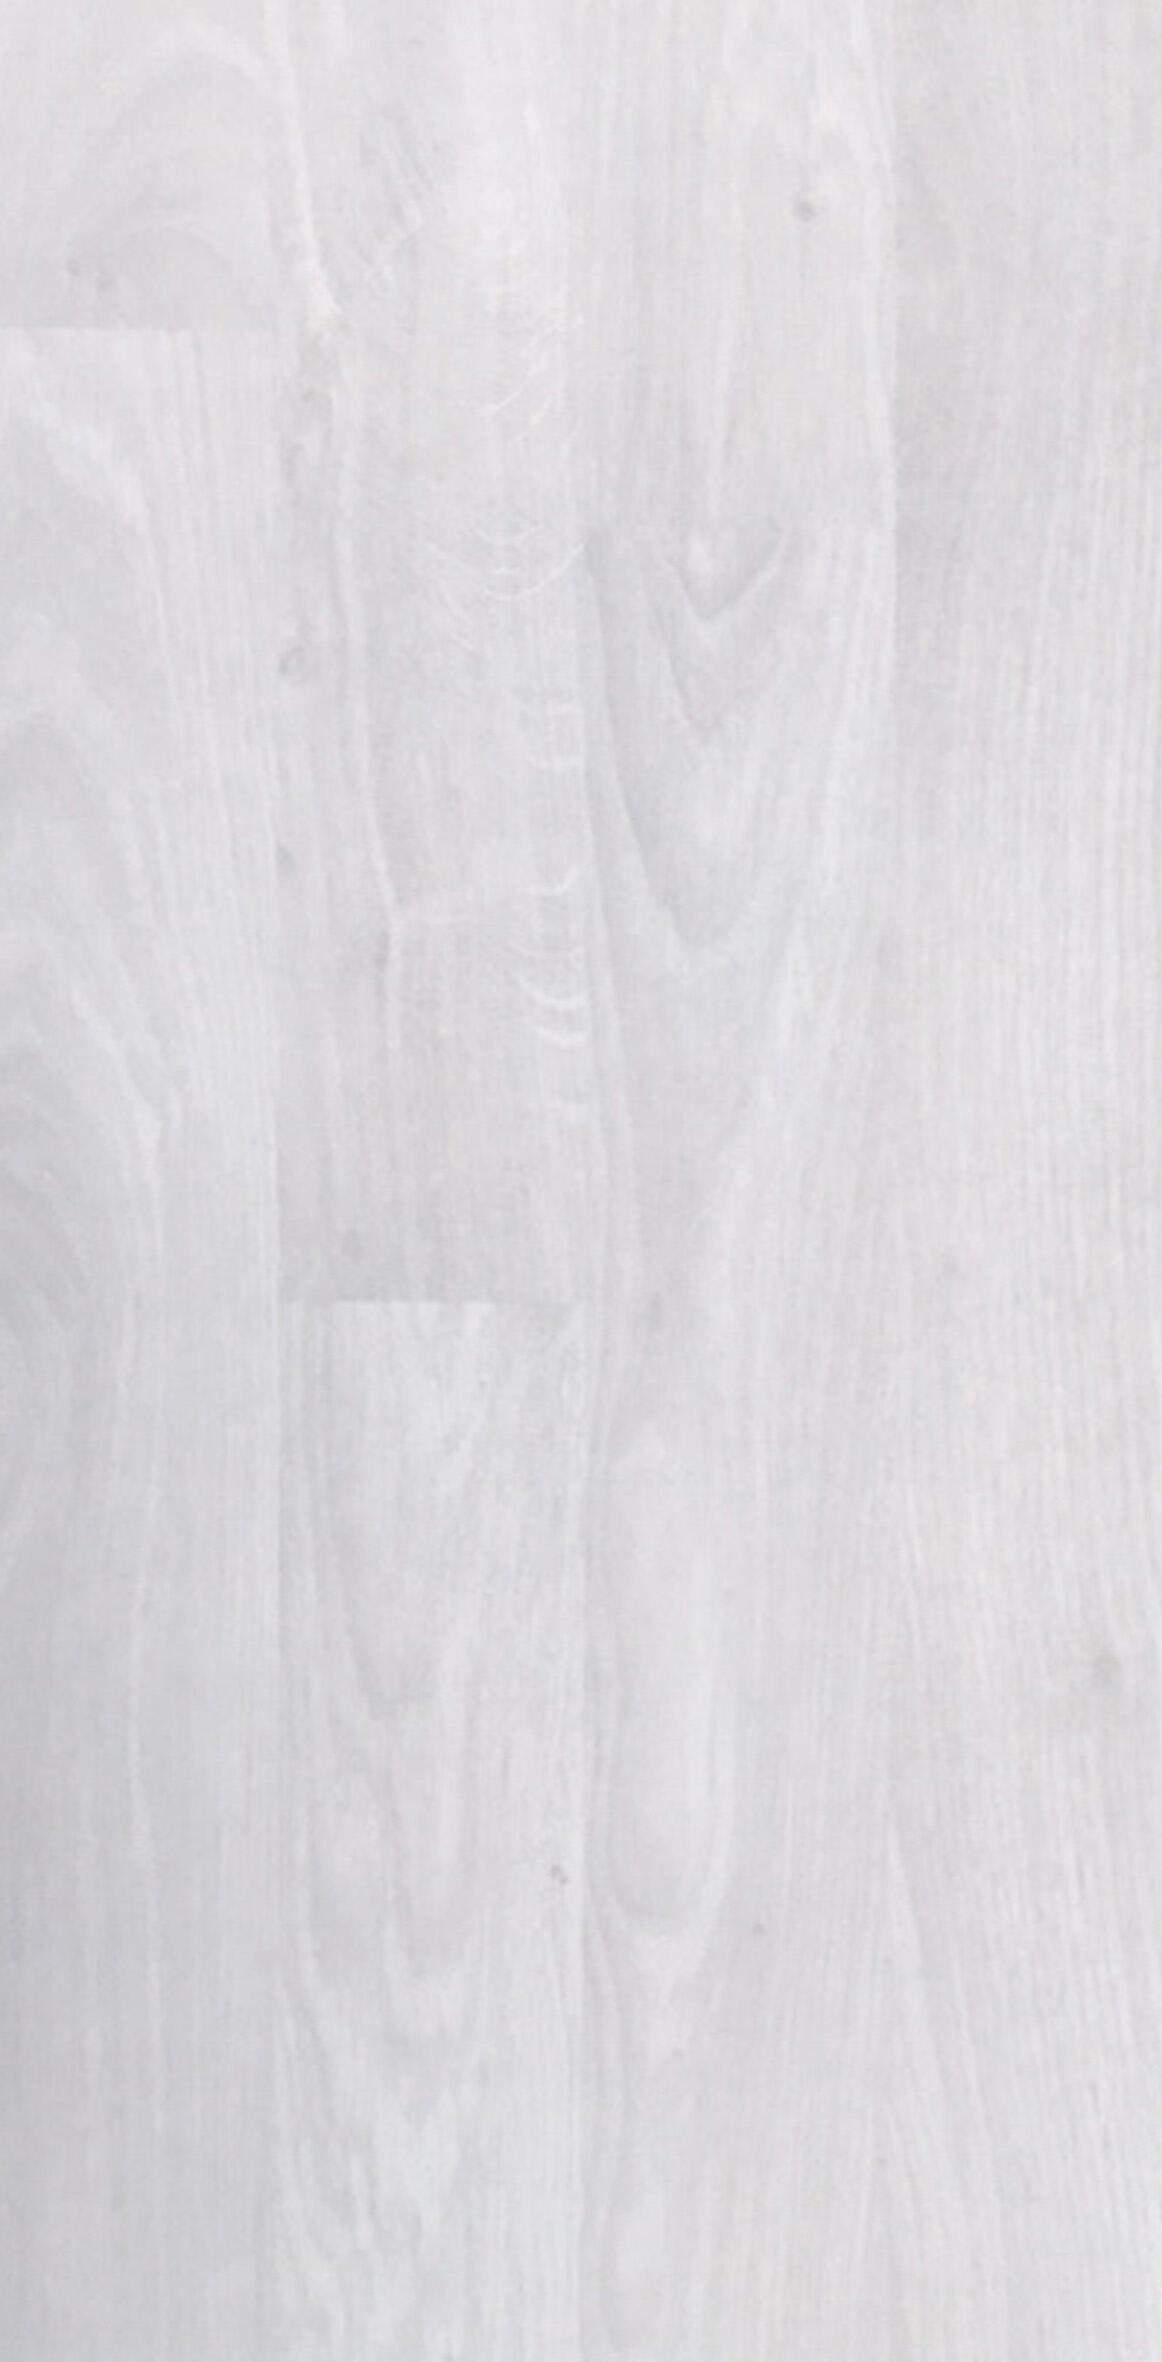 Piastrella Otta 30.8 x 61.5 cm sp. 8 mm PEI 4/5 bianco - 5